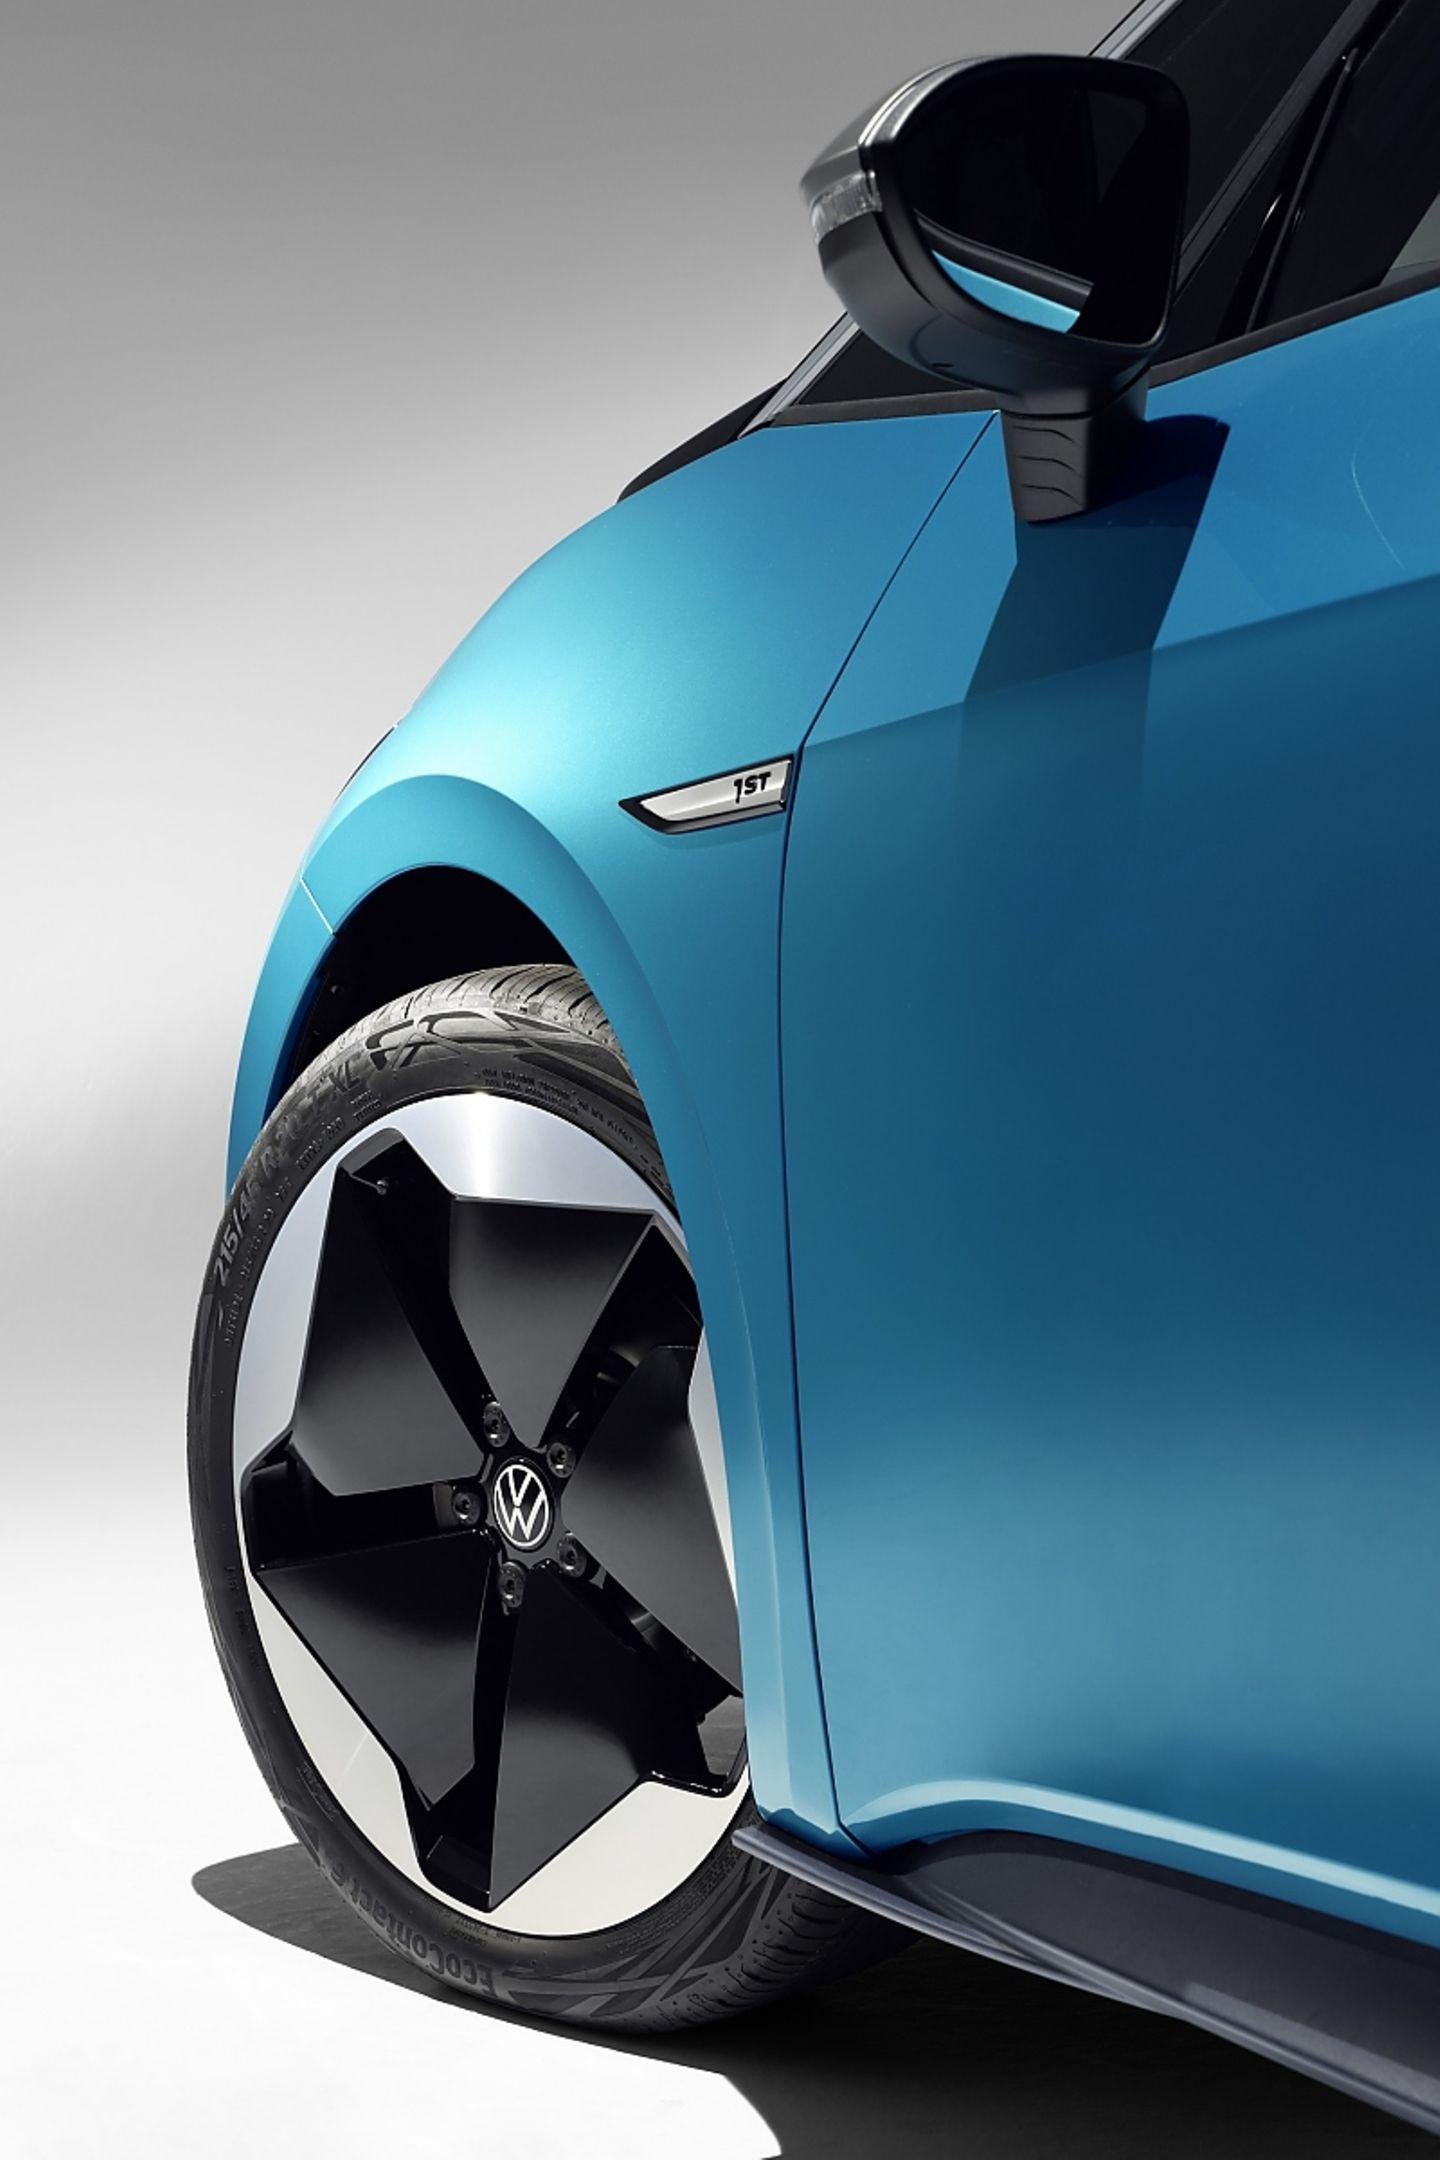 Der VW ID.3 rollt serienmäßig auf 18 Zöllern, optional gibt es auch 19 und 20 Zoll Varianten